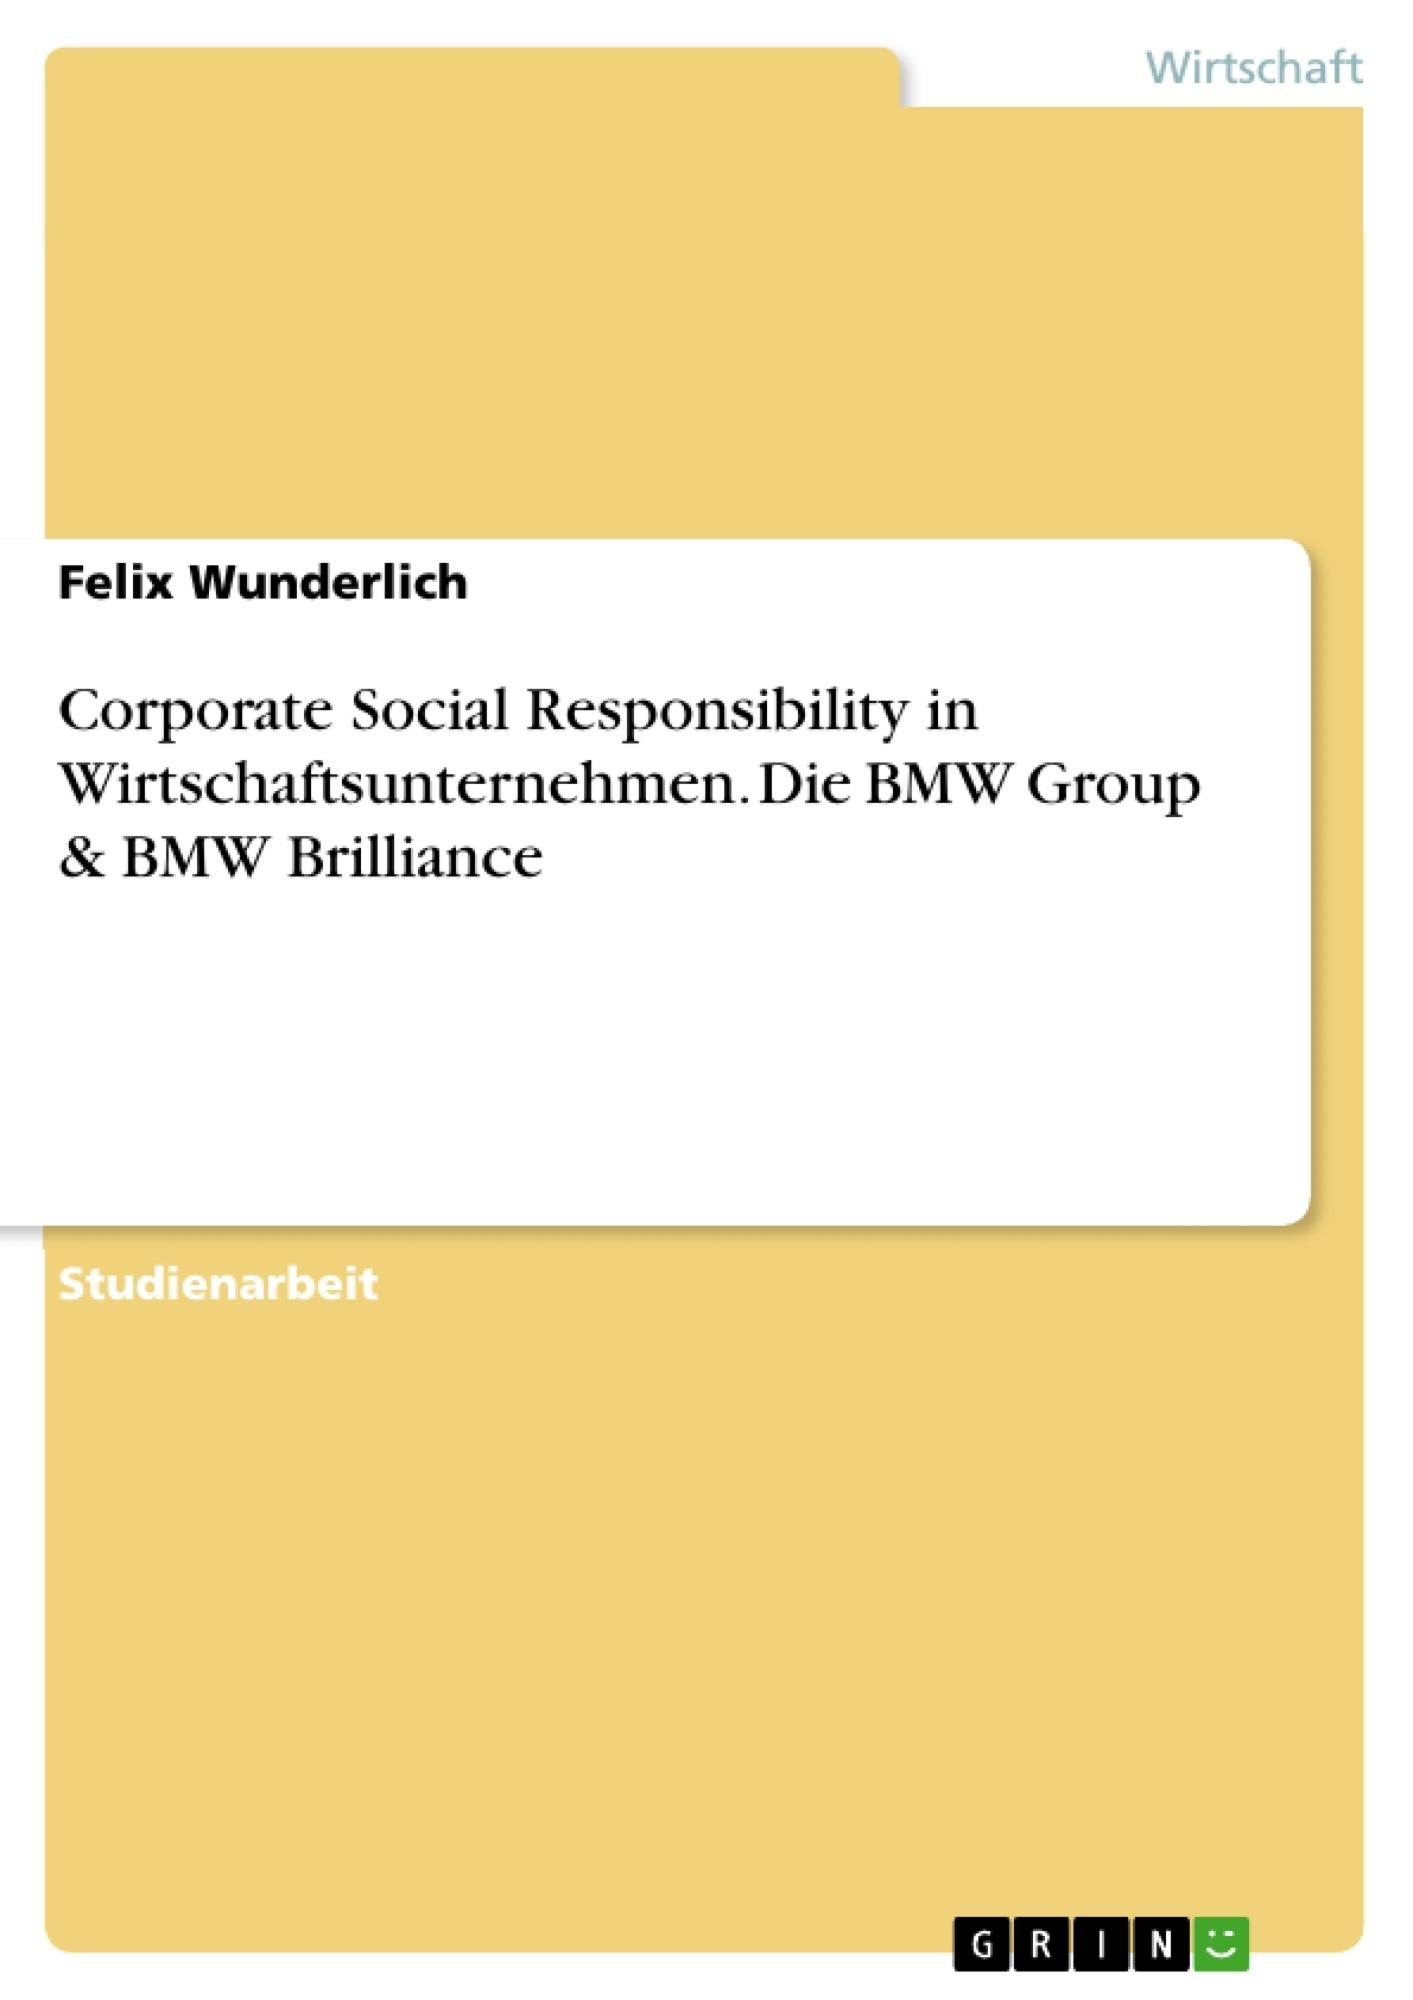 Titel: Corporate Social Responsibility in Wirtschaftsunternehmen. Die BMW Group & BMW Brilliance